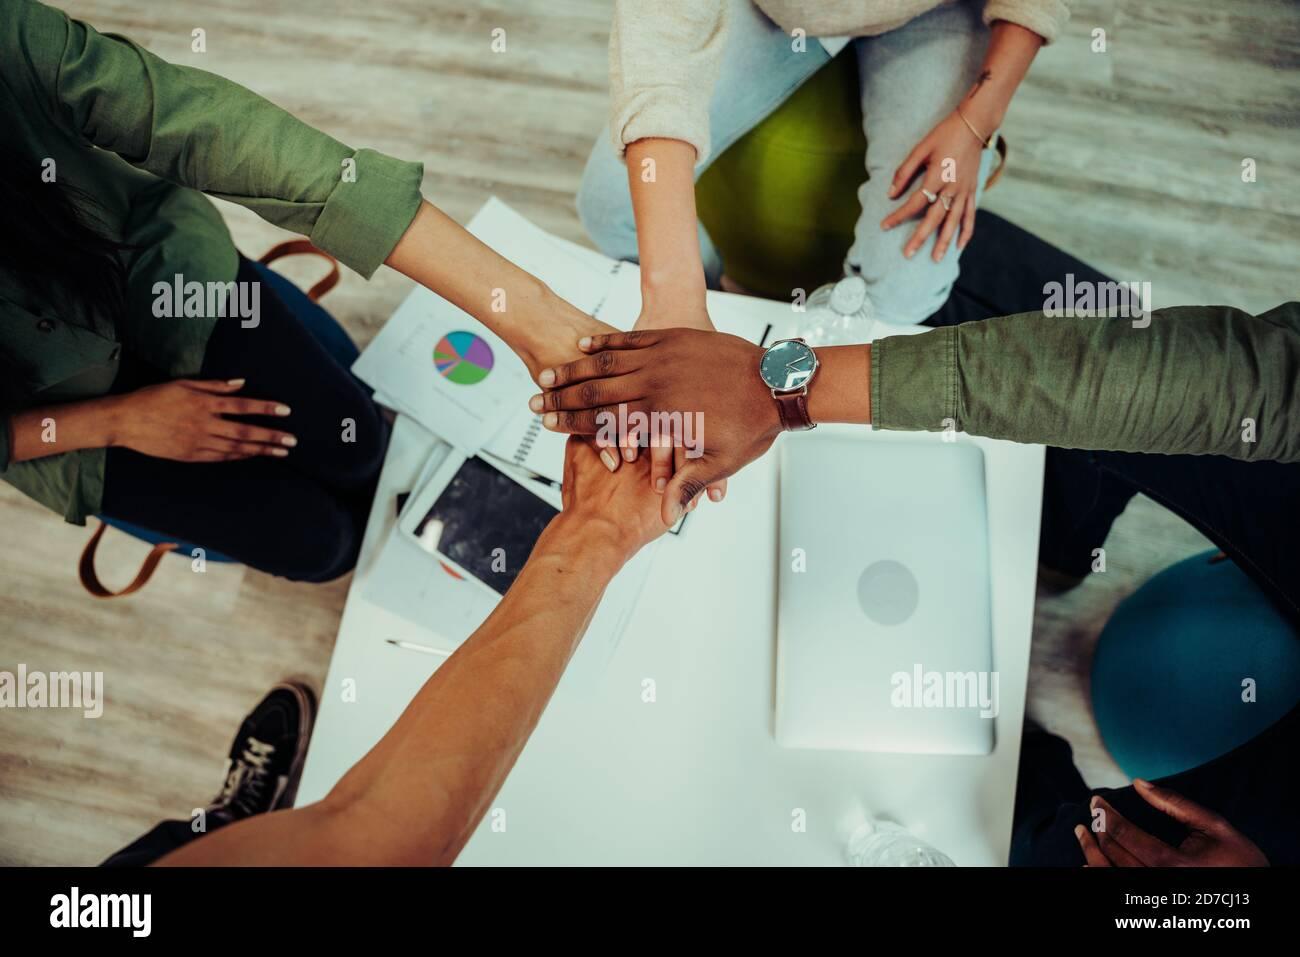 Compañeros de negocios apilando las manos juntos creando la unidad del equipo preparándose para presentación al jefe y gerentes Foto de stock